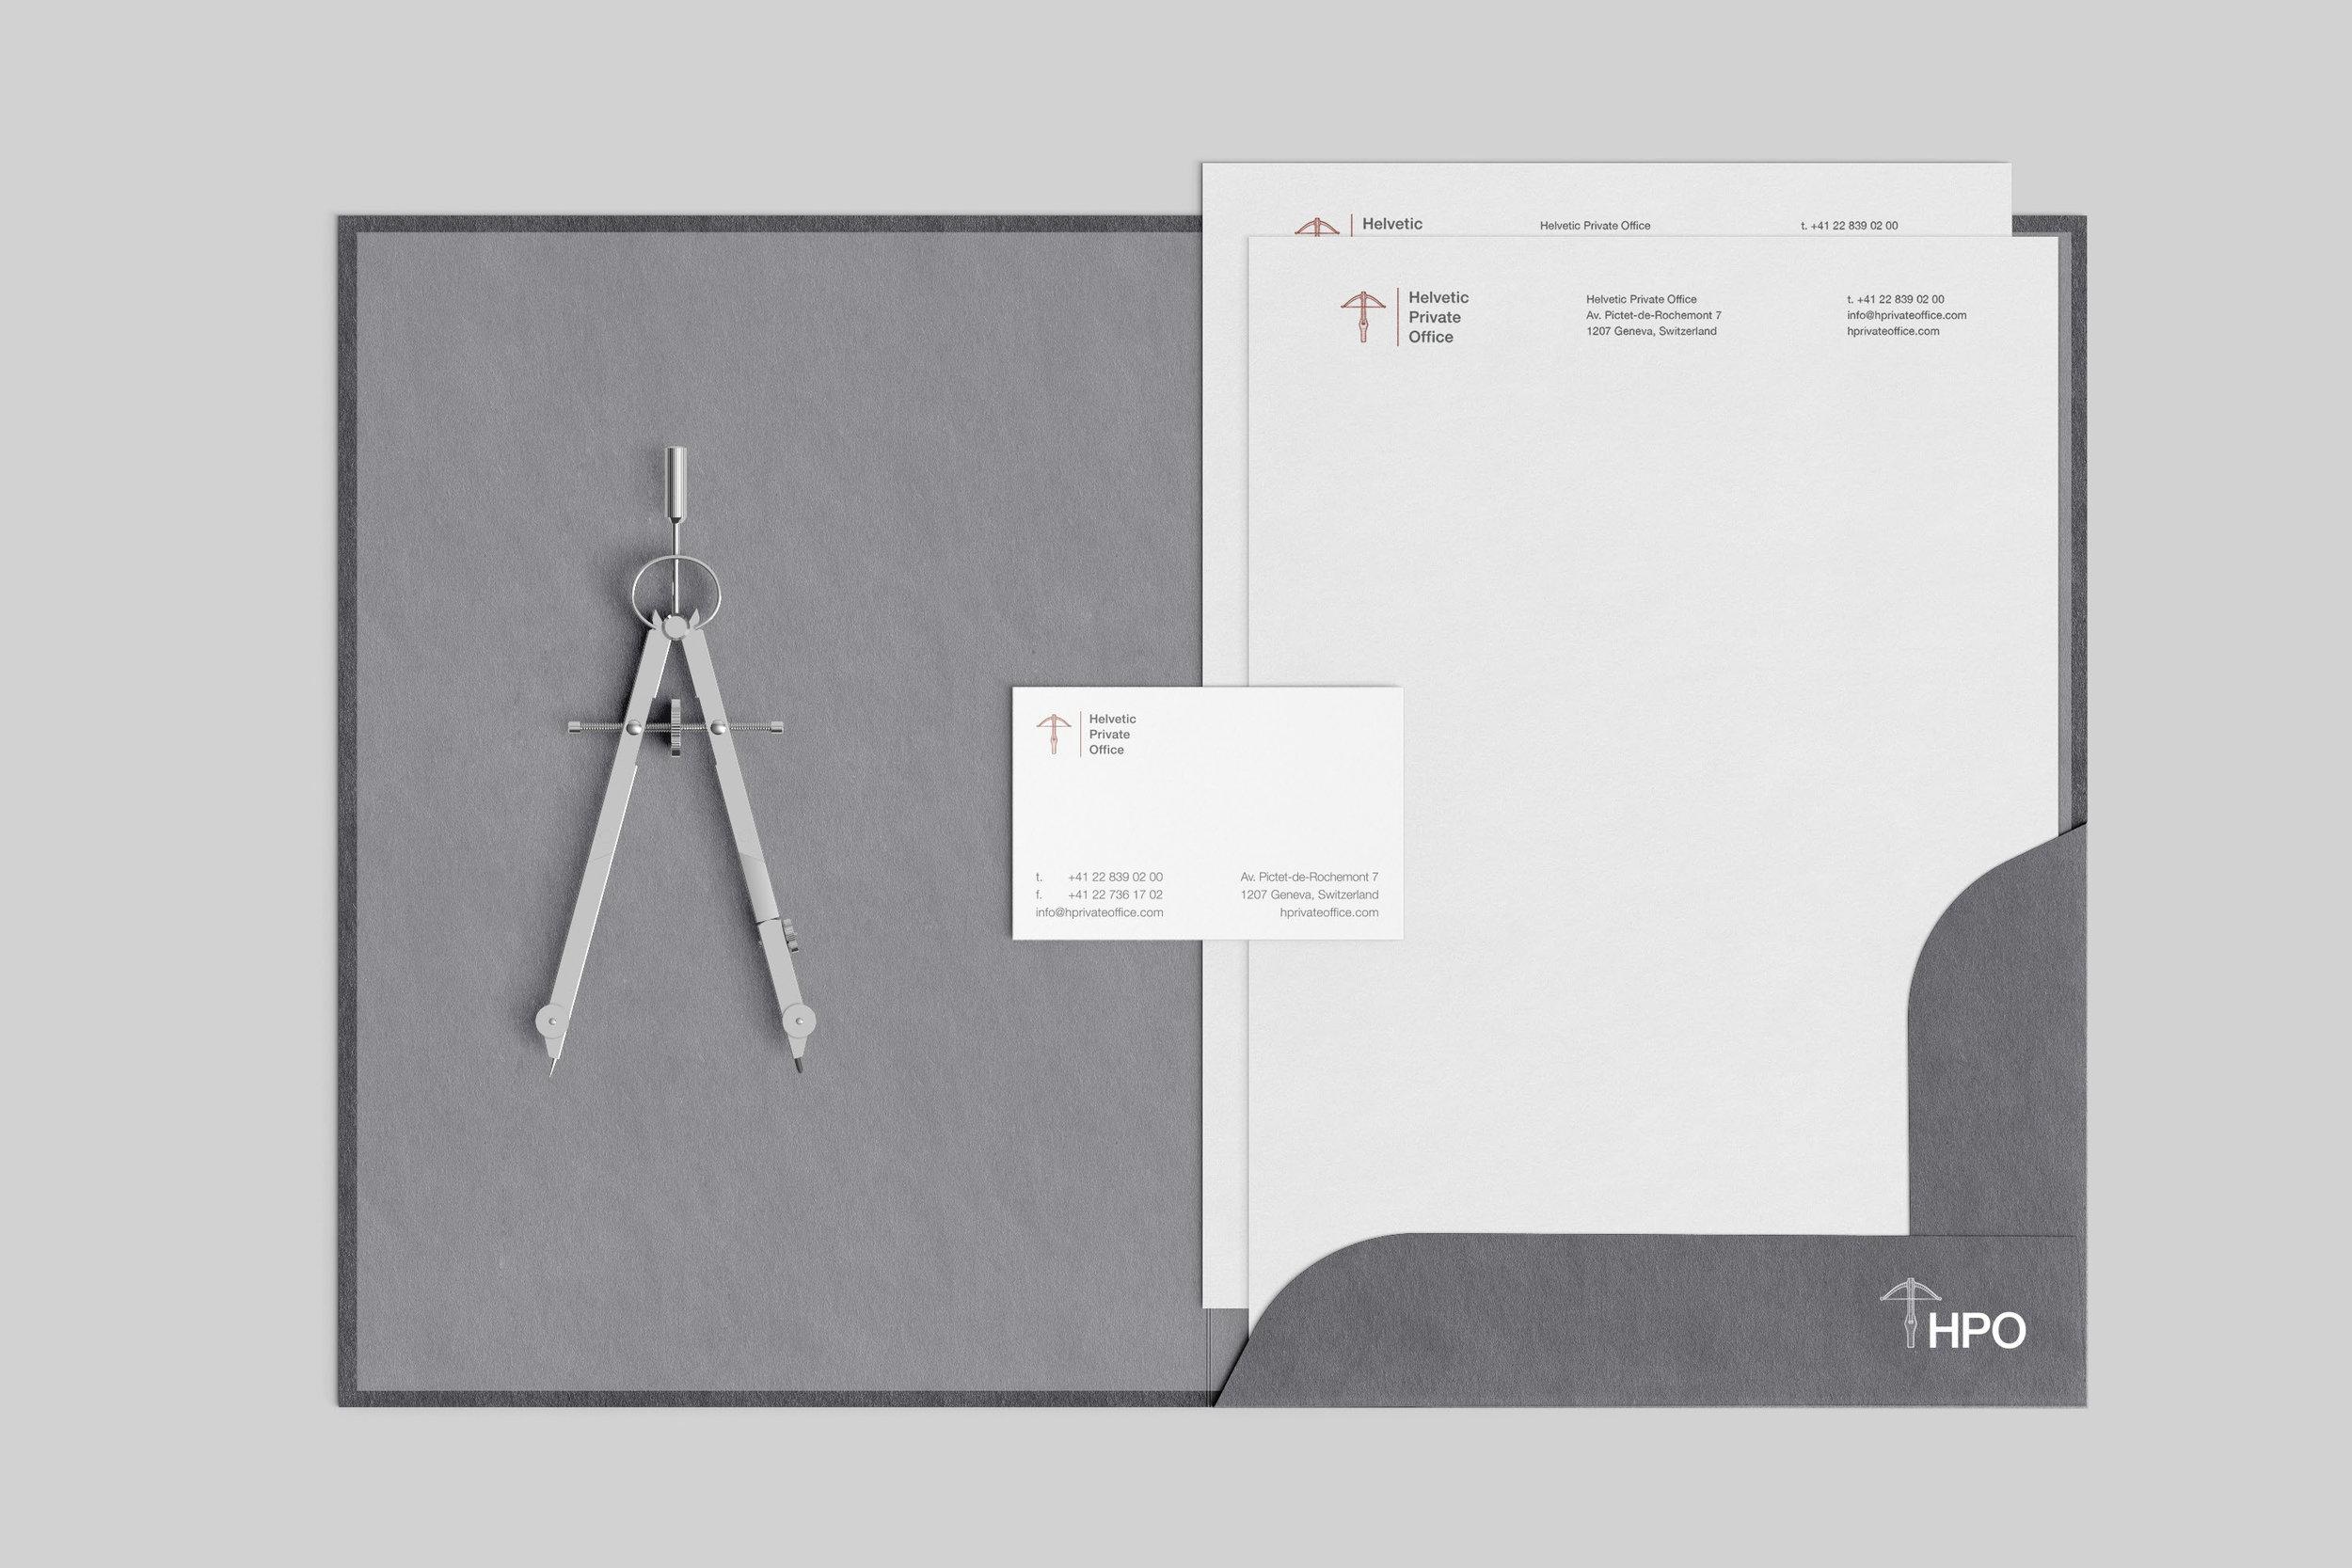 20.-hpo-identity-presentation.jpg